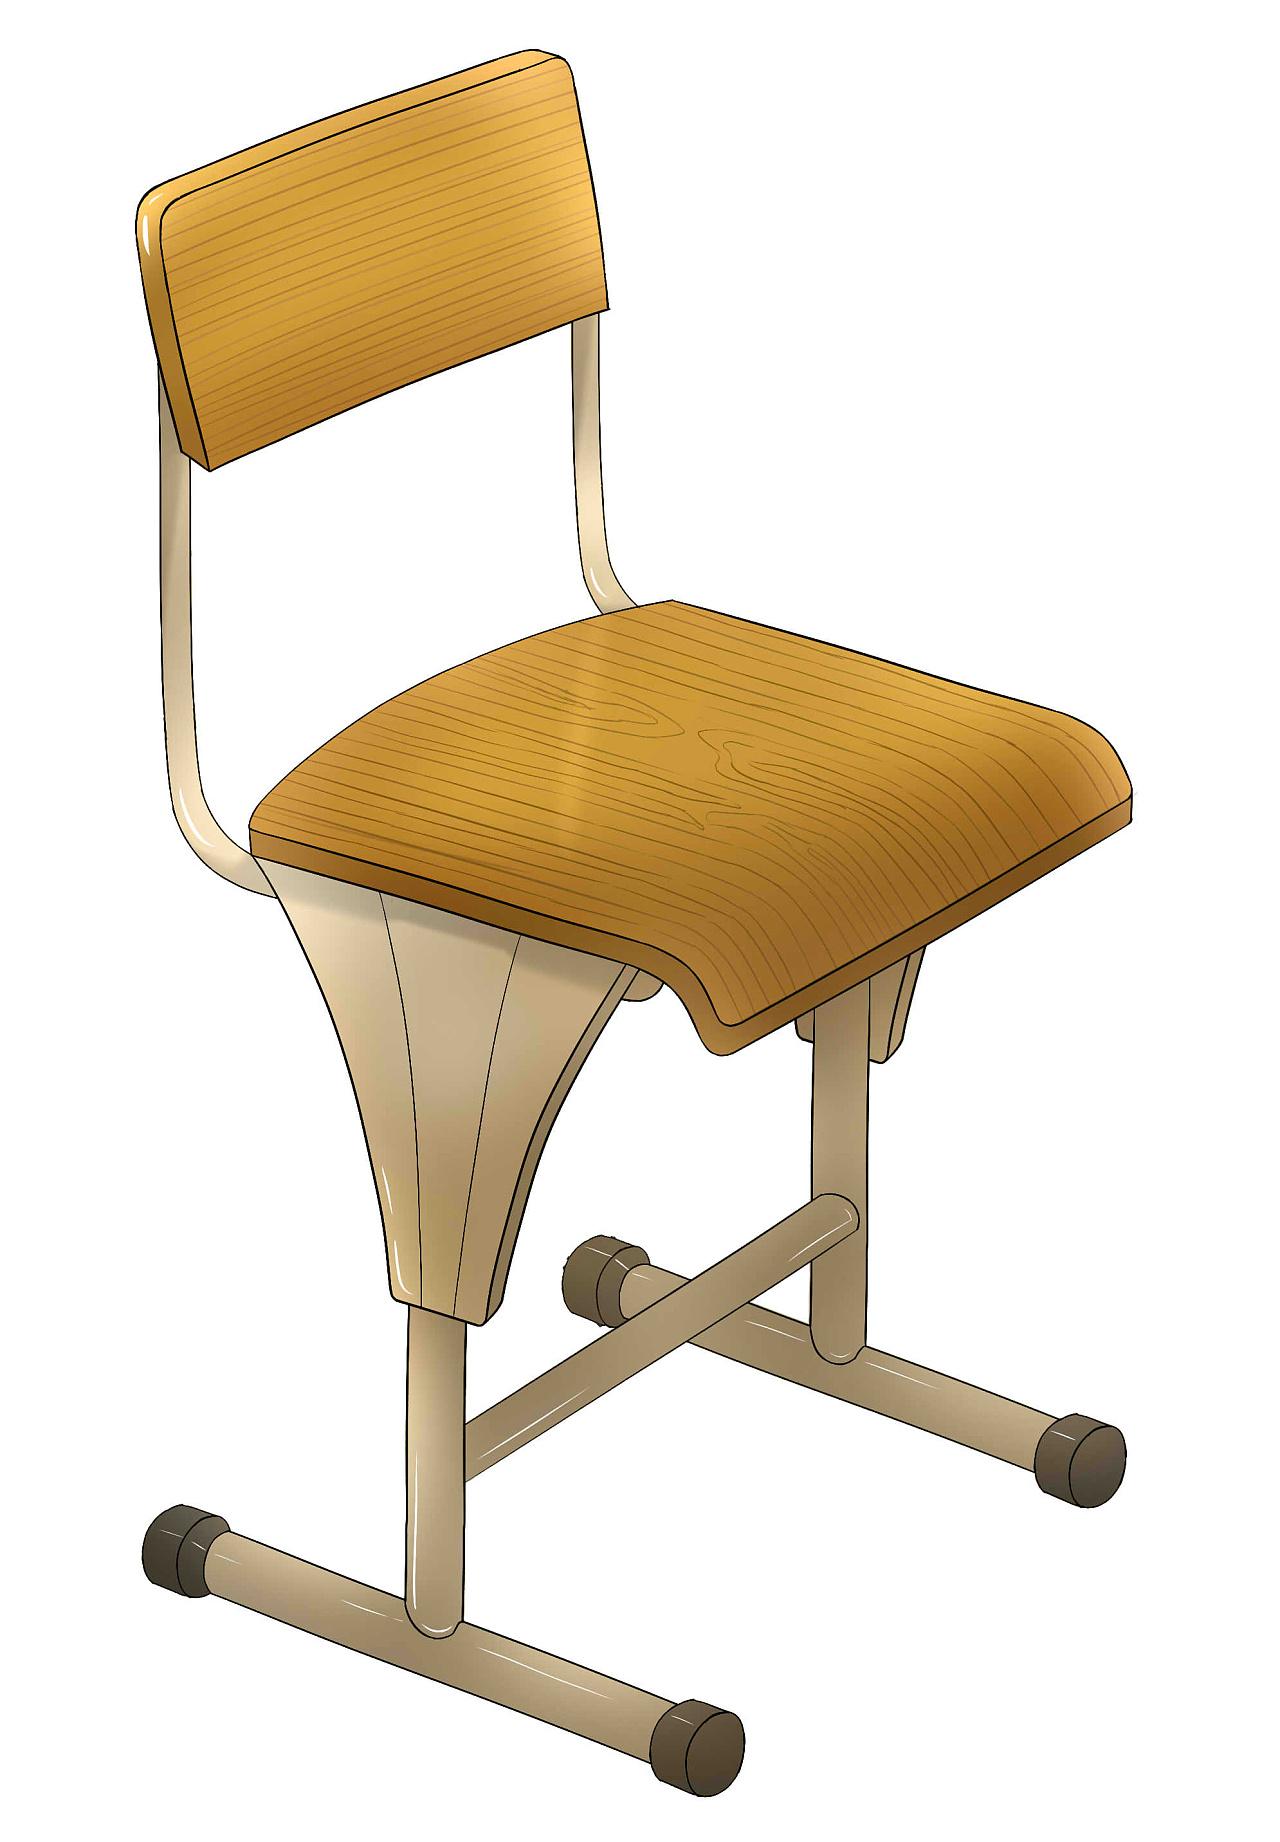 创意椅子铅笔手绘